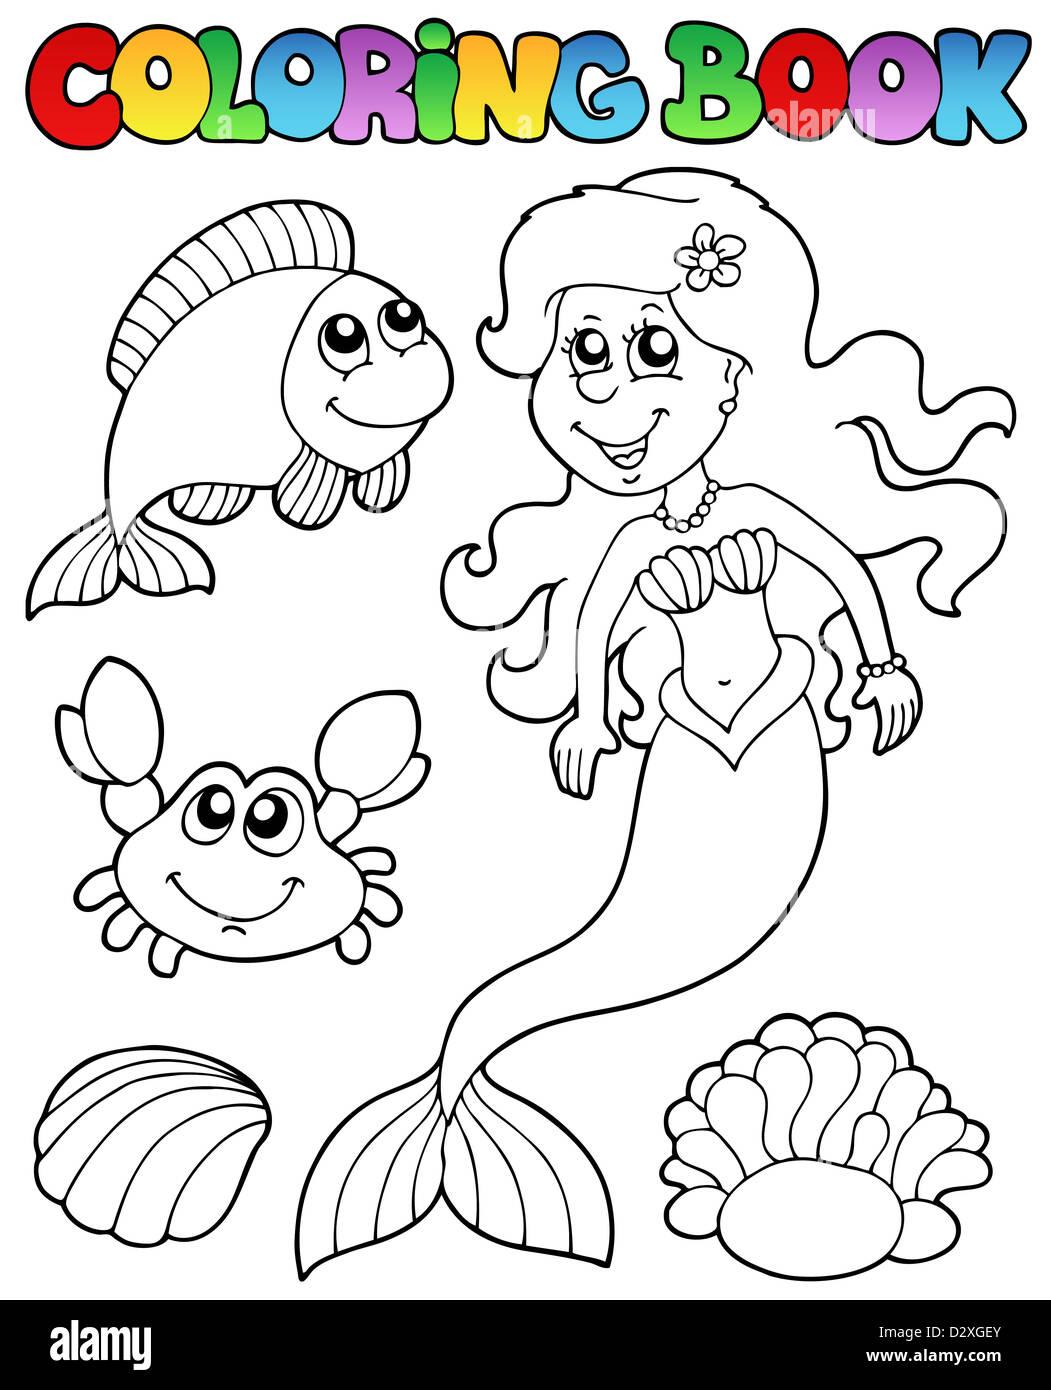 Libro para colorear con sirena - Ilustración temática Foto & Imagen ...